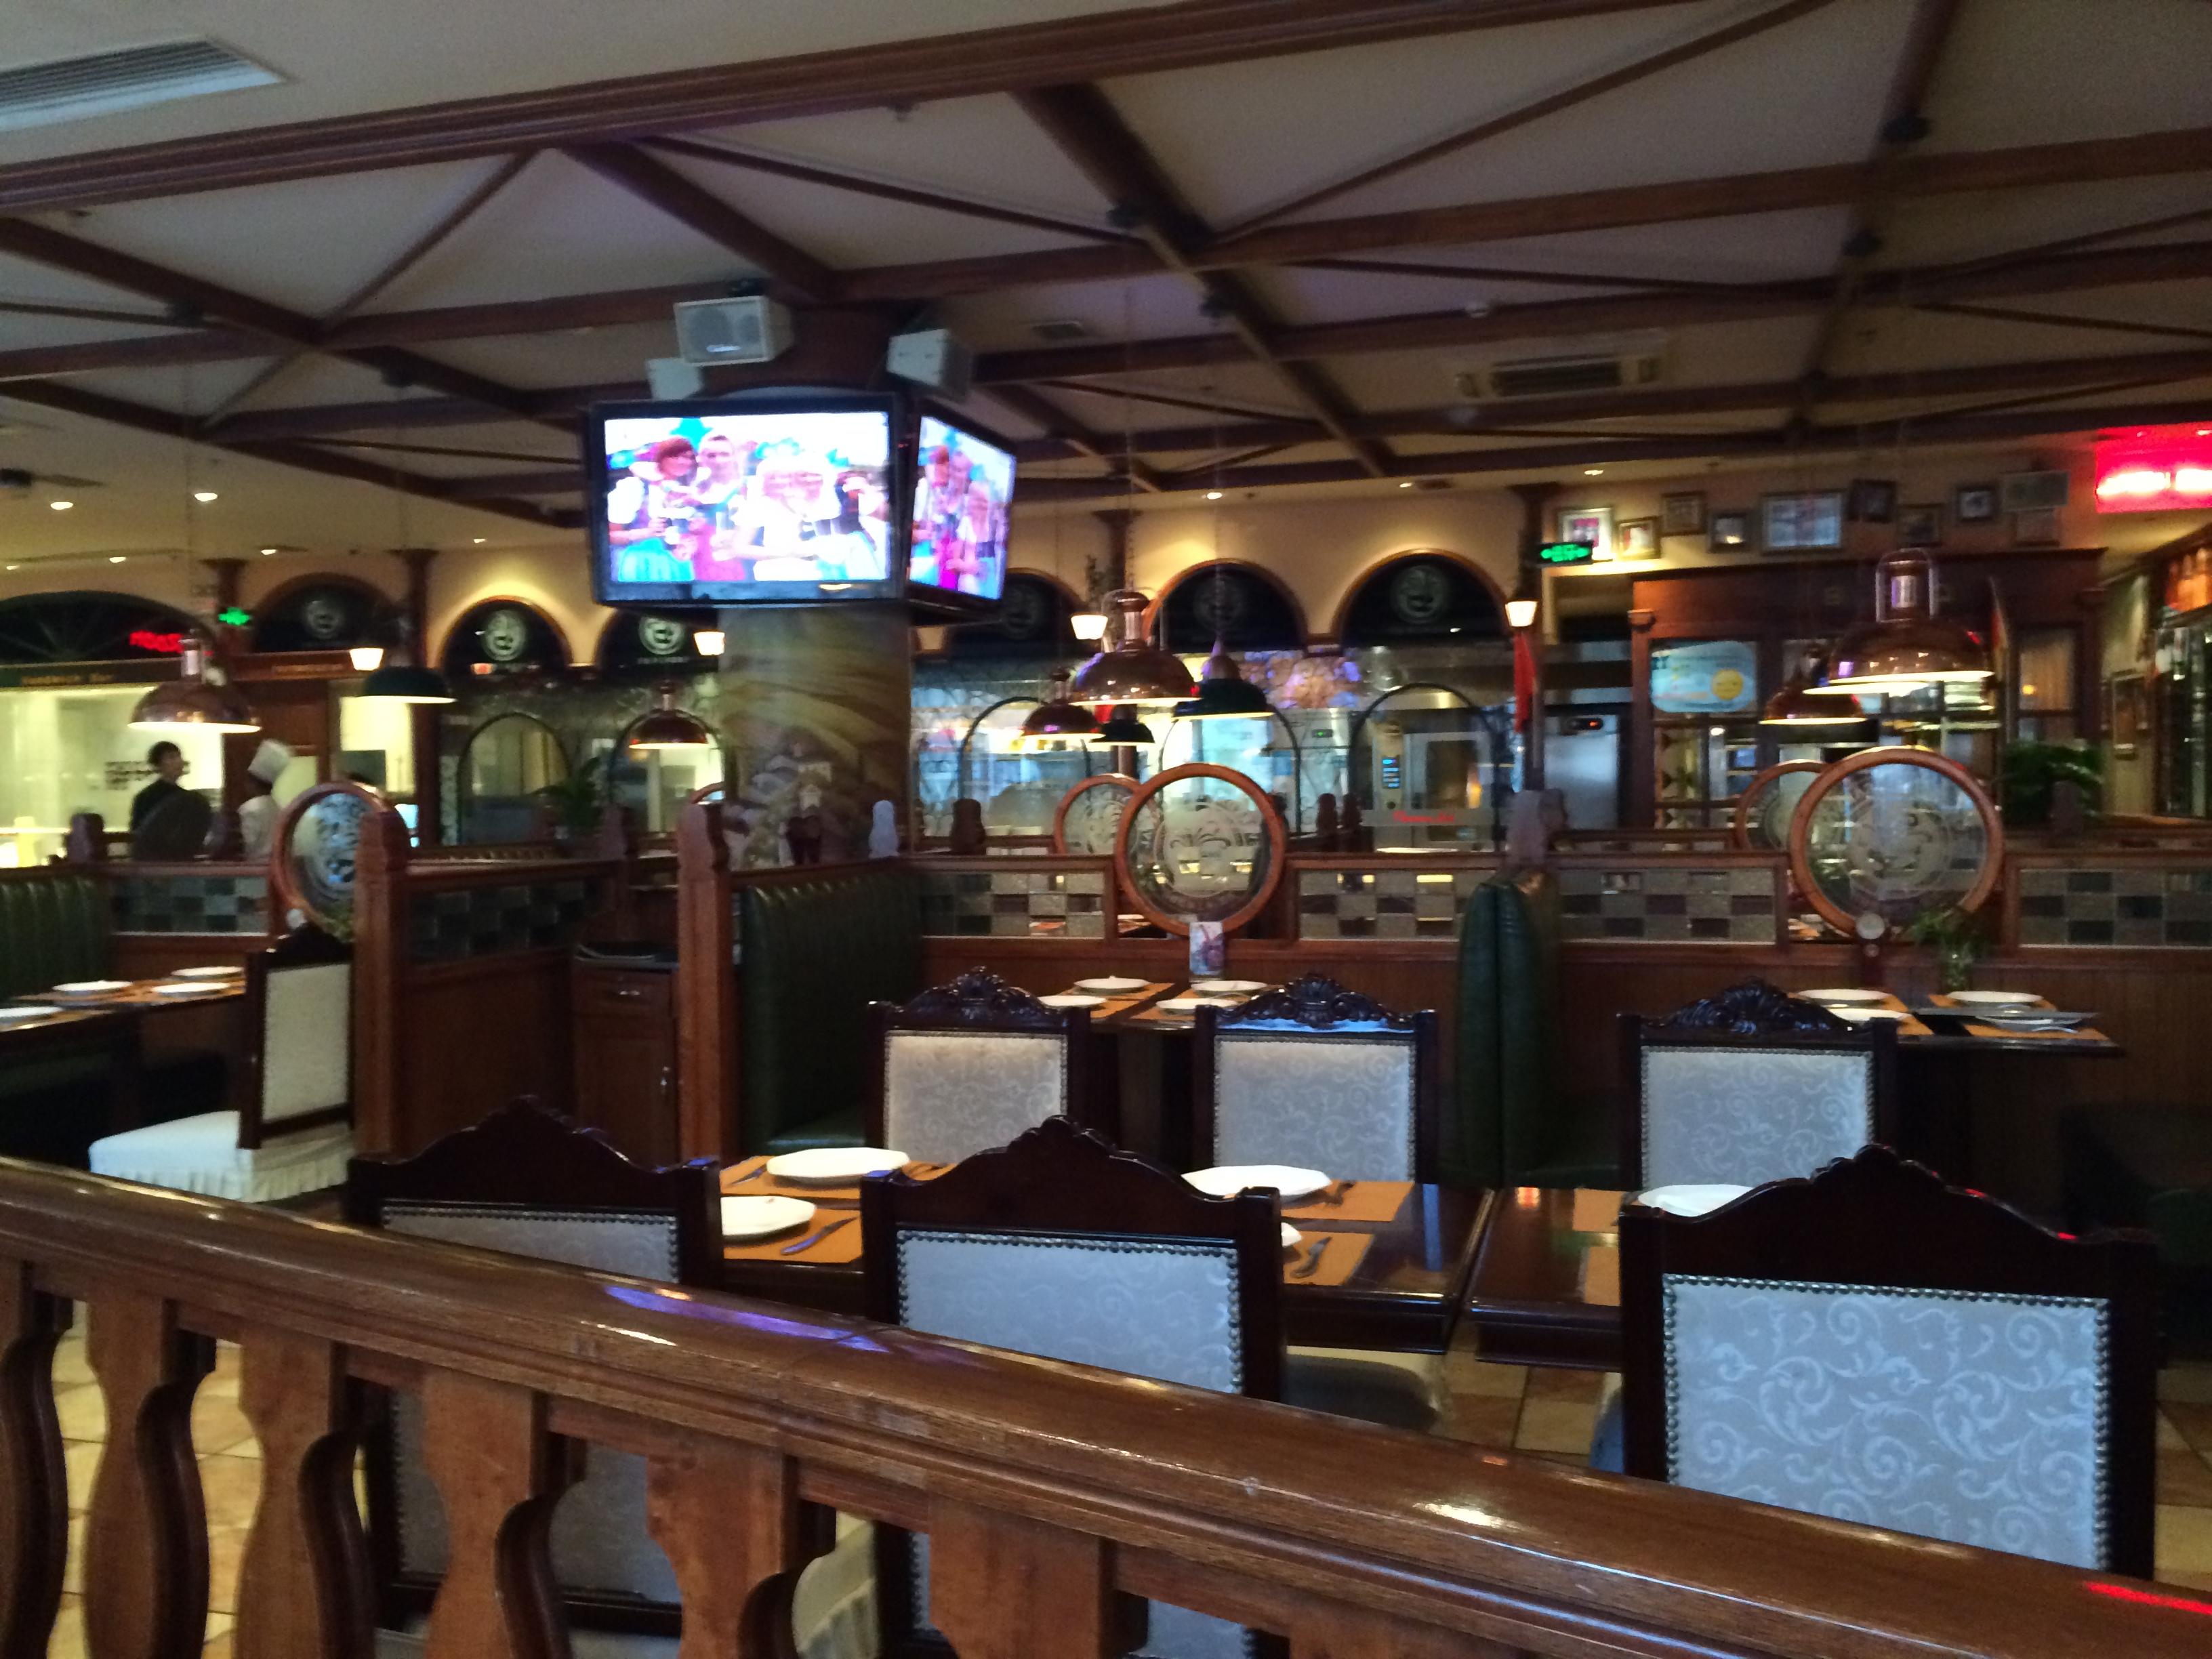 啤酒吧_我在上海—吃货笔记 - 上海游记攻略【携程攻略】